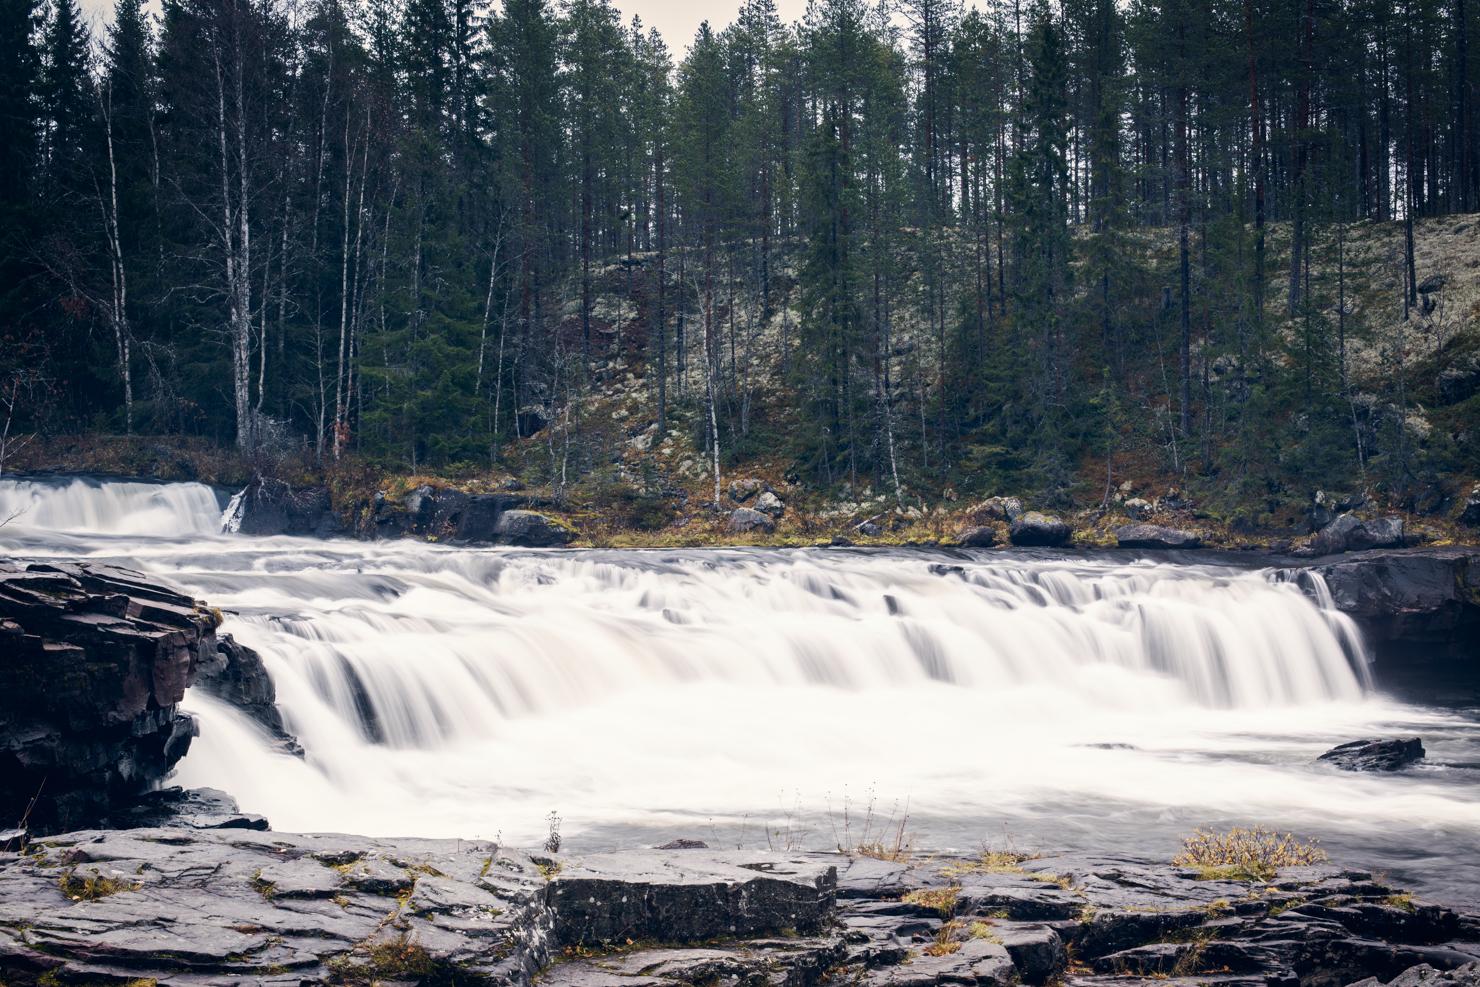 [:sv]Fjätfallen i Östomsjön – en oktoberutflykt[:]